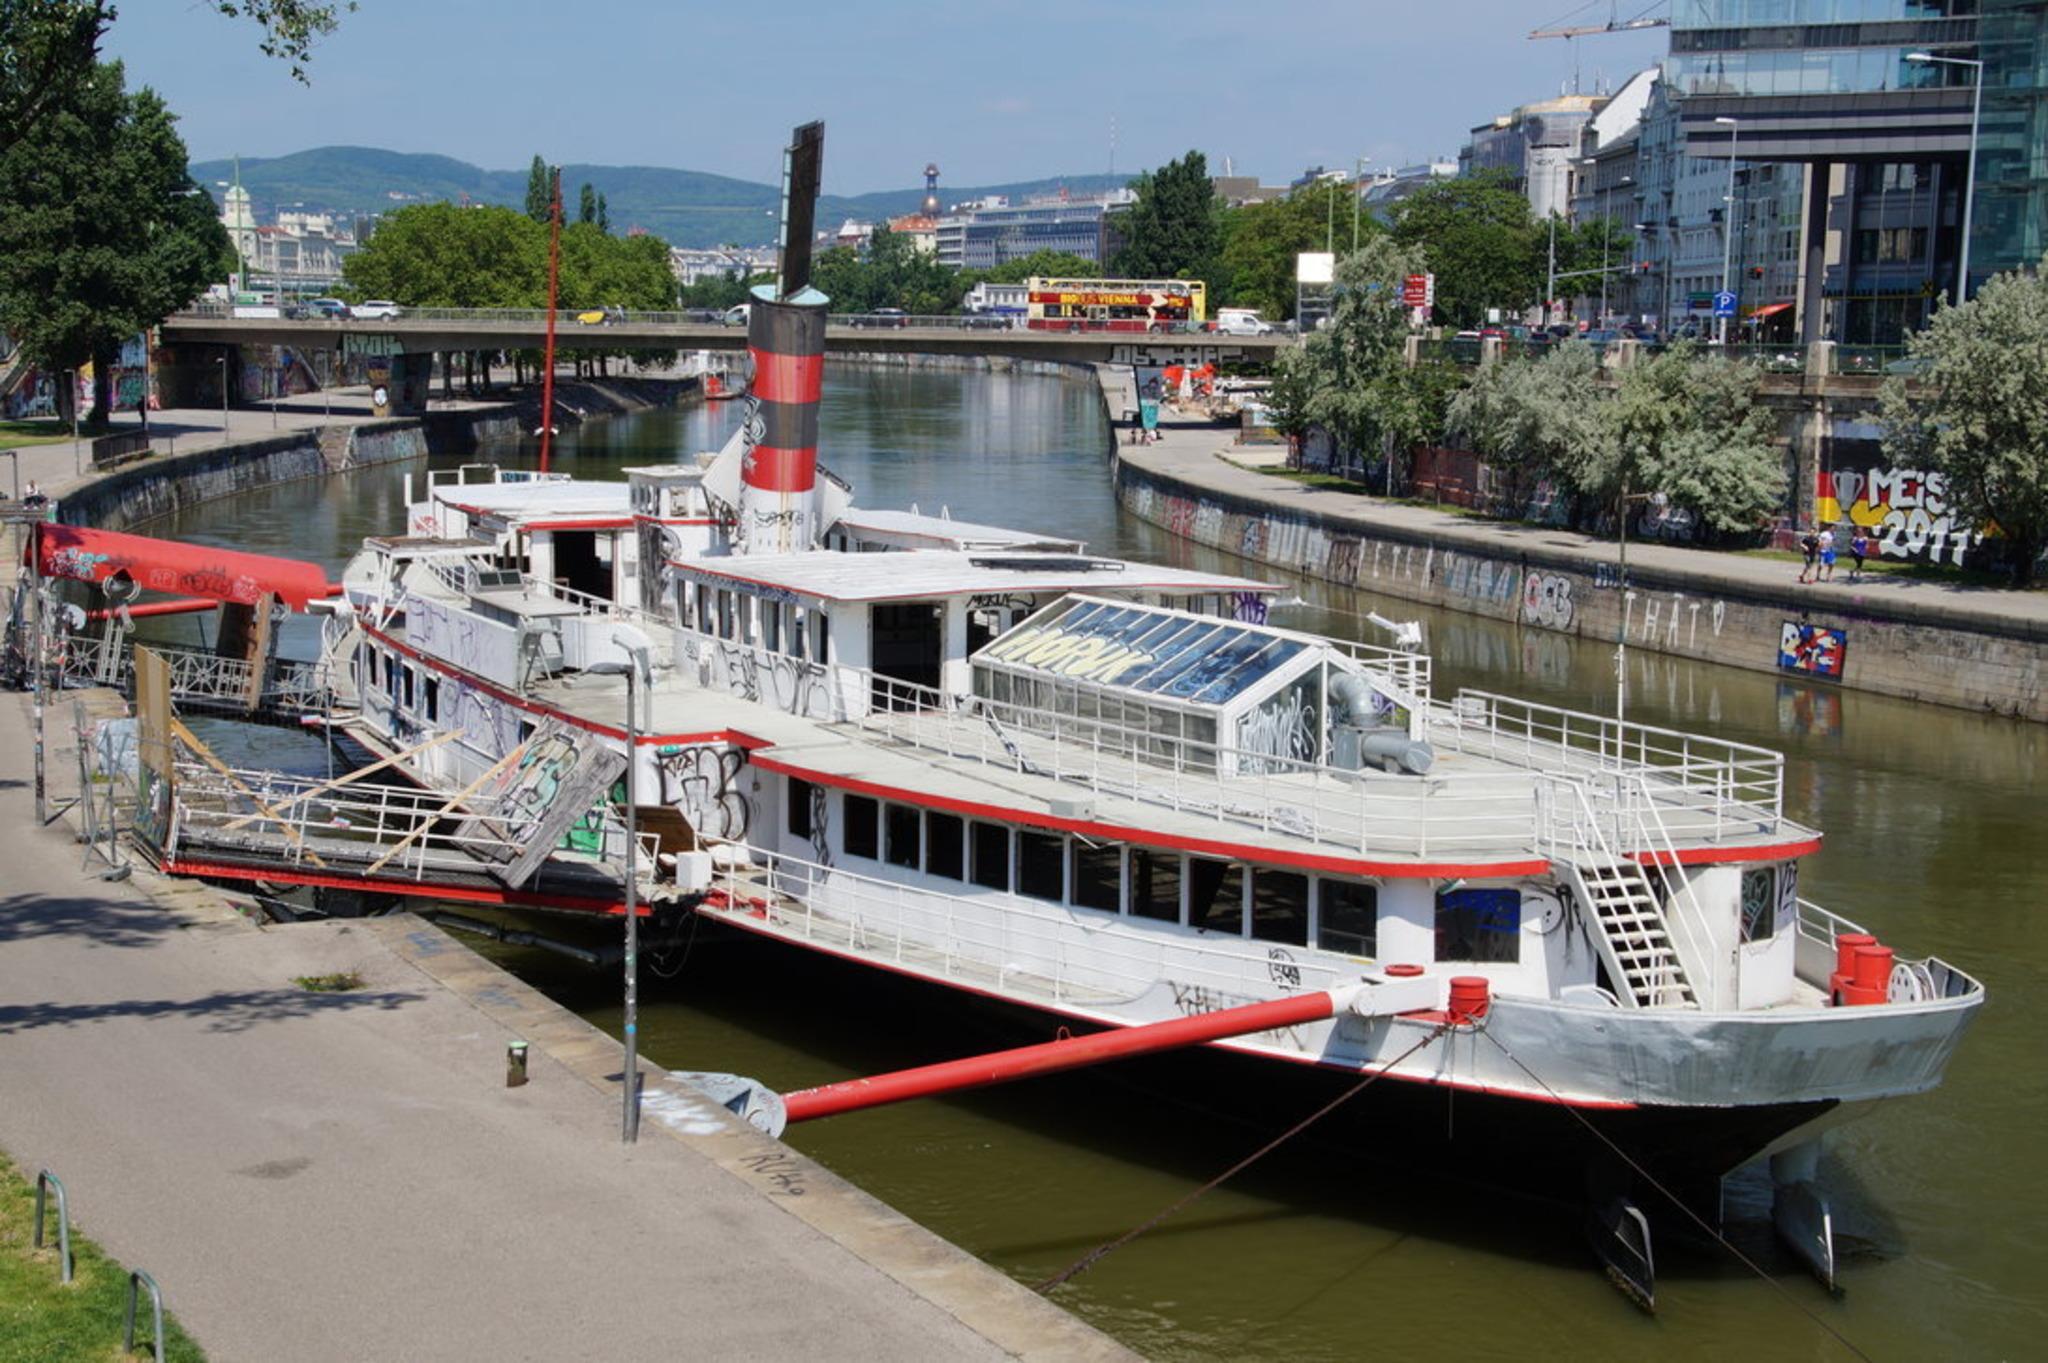 Donaukanal: Streit um Partyschiff geht weiter - Landstraße